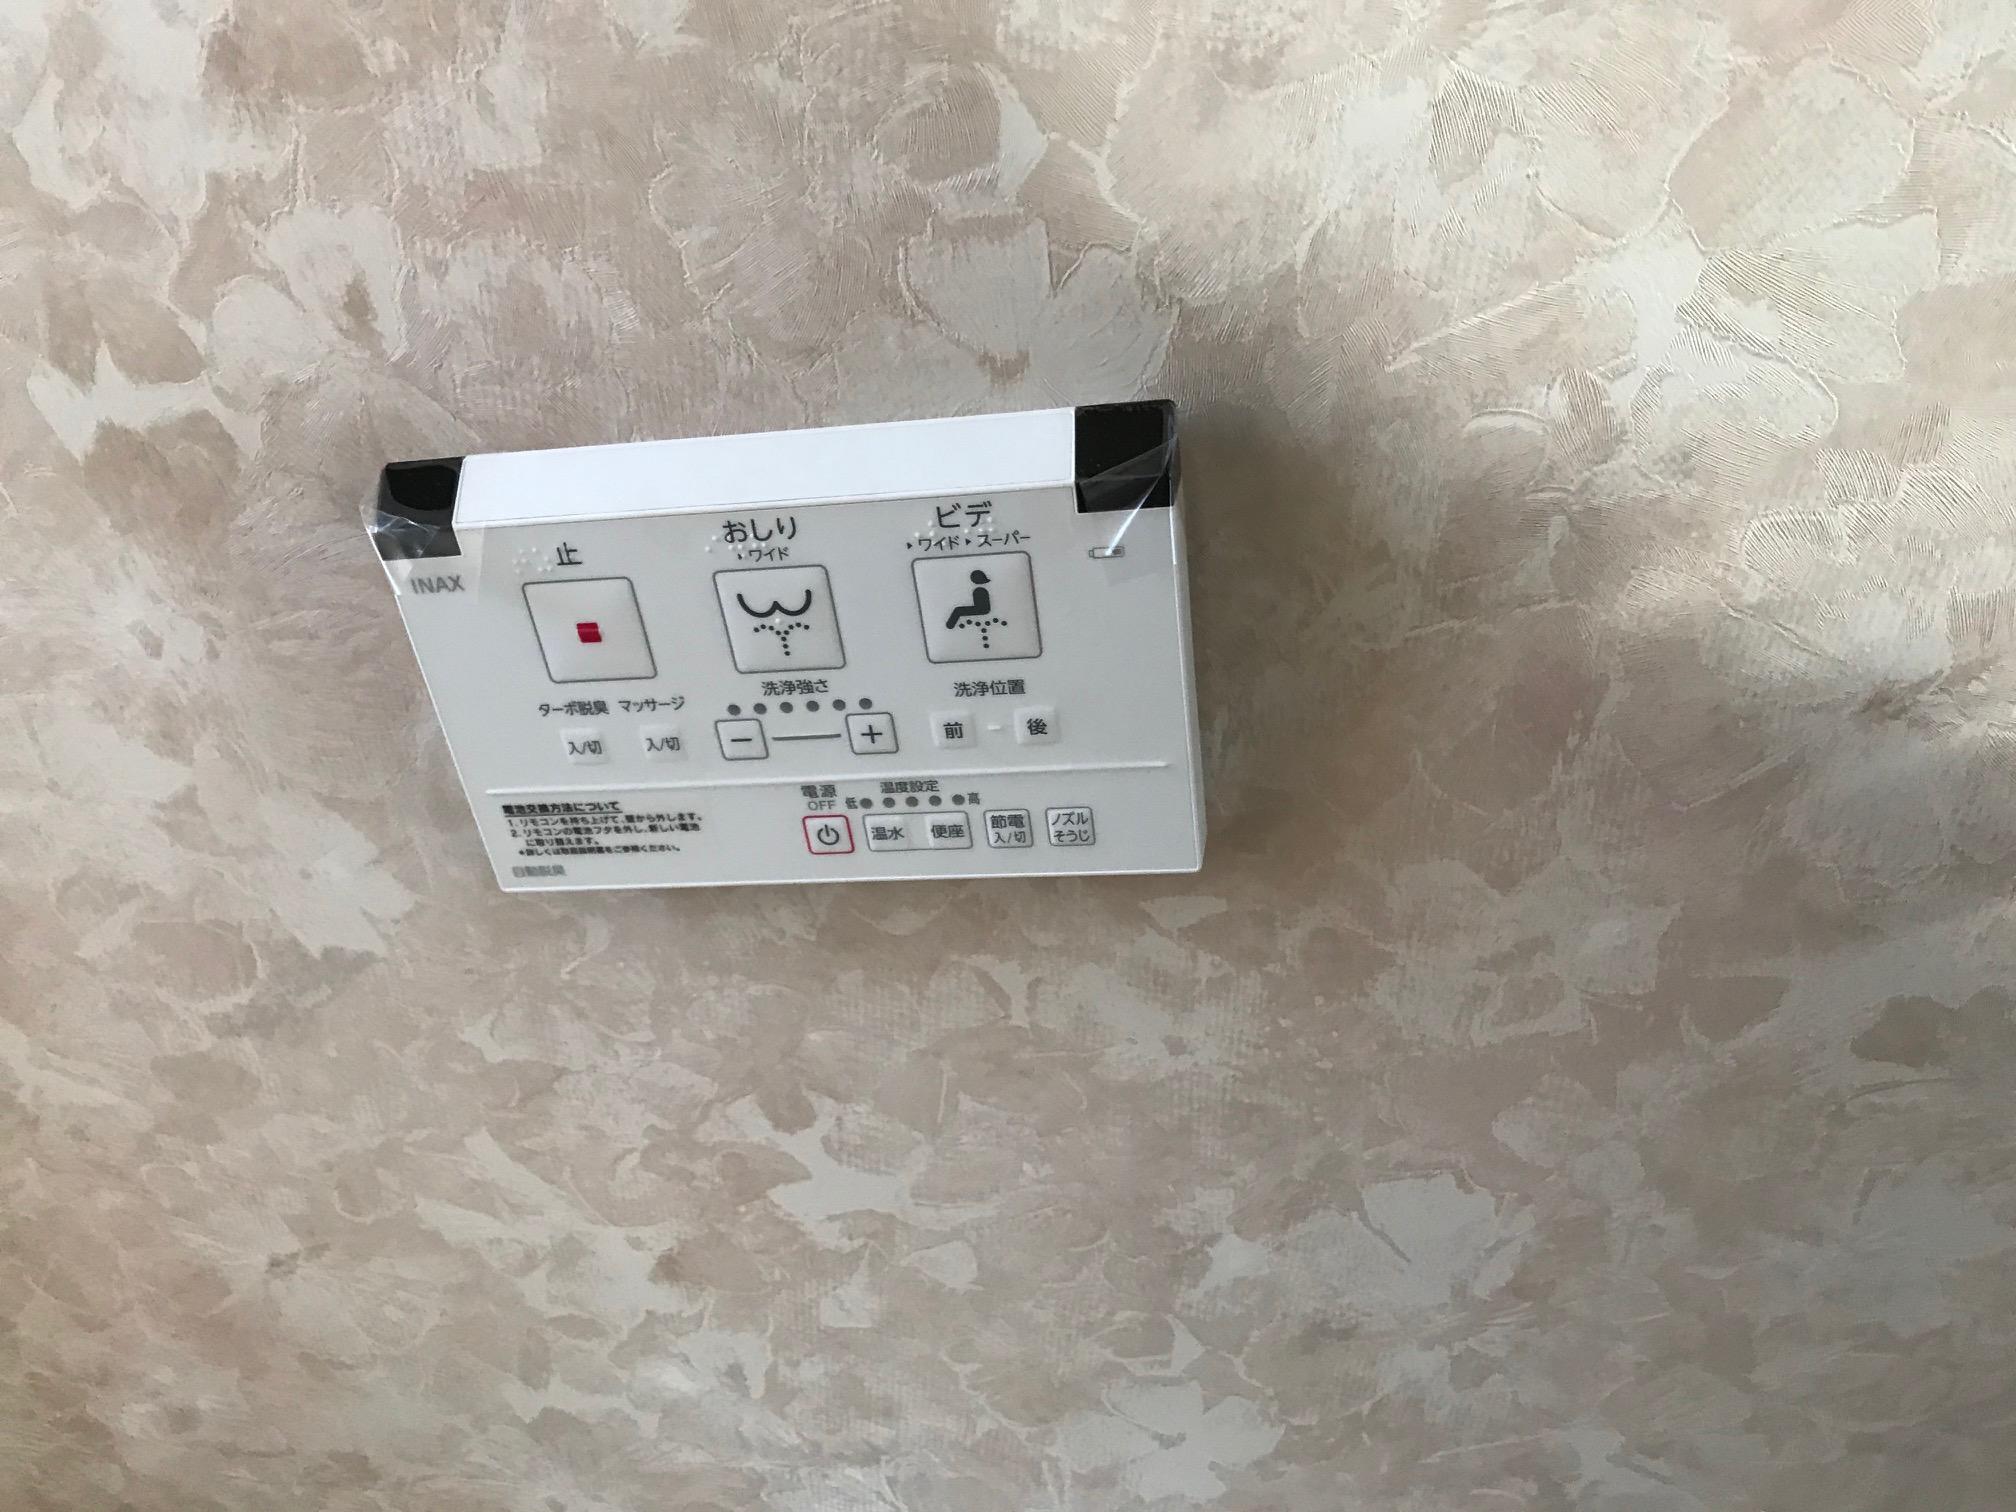 壁スイッチ